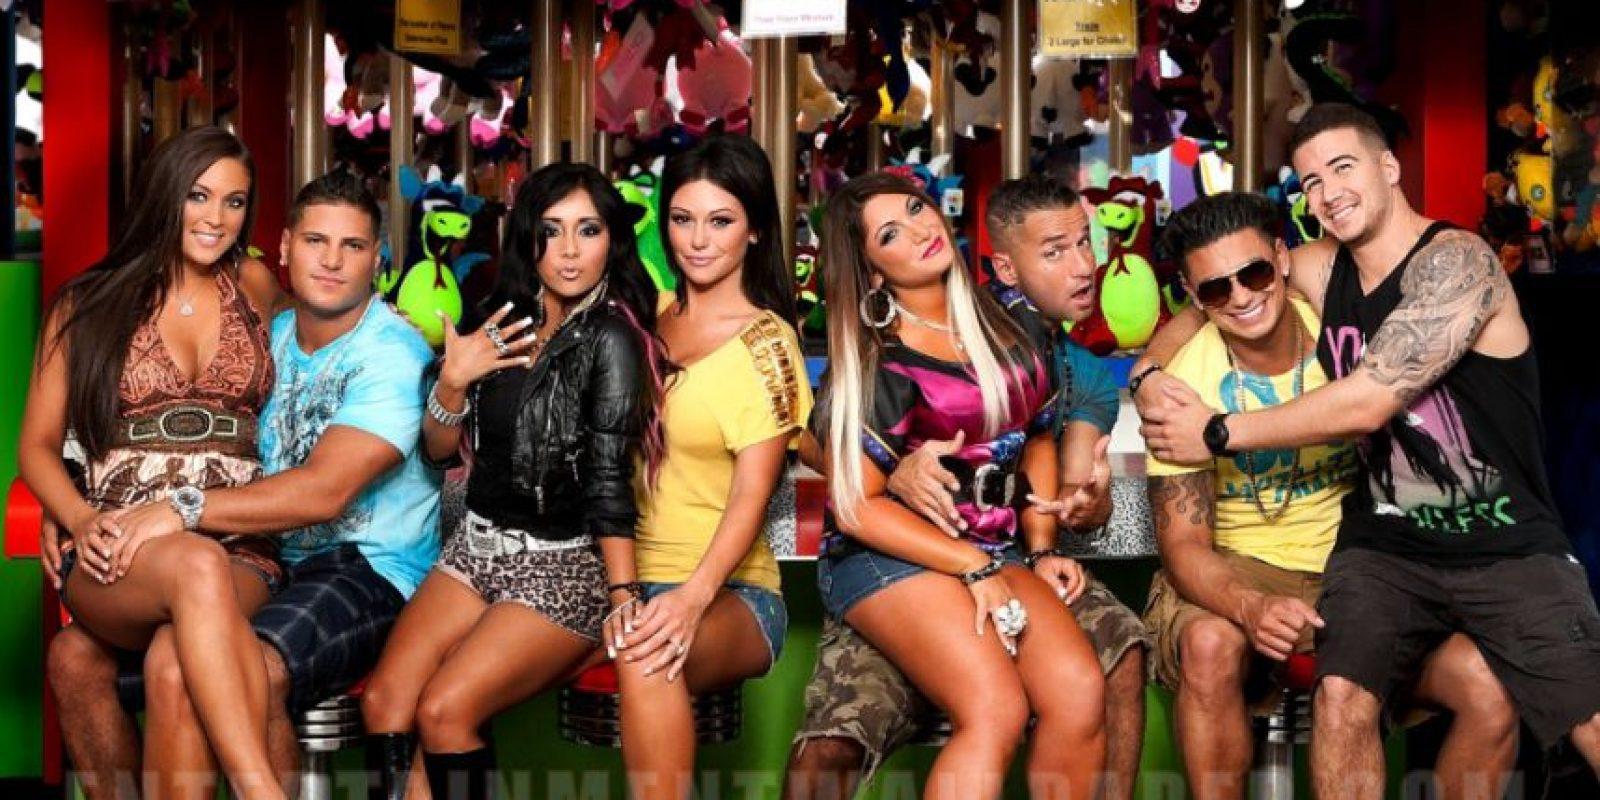 El programa duró de 2009 a 2012 y retrataba la alocada vida de varios chicos en el verano. Foto:vía MTV